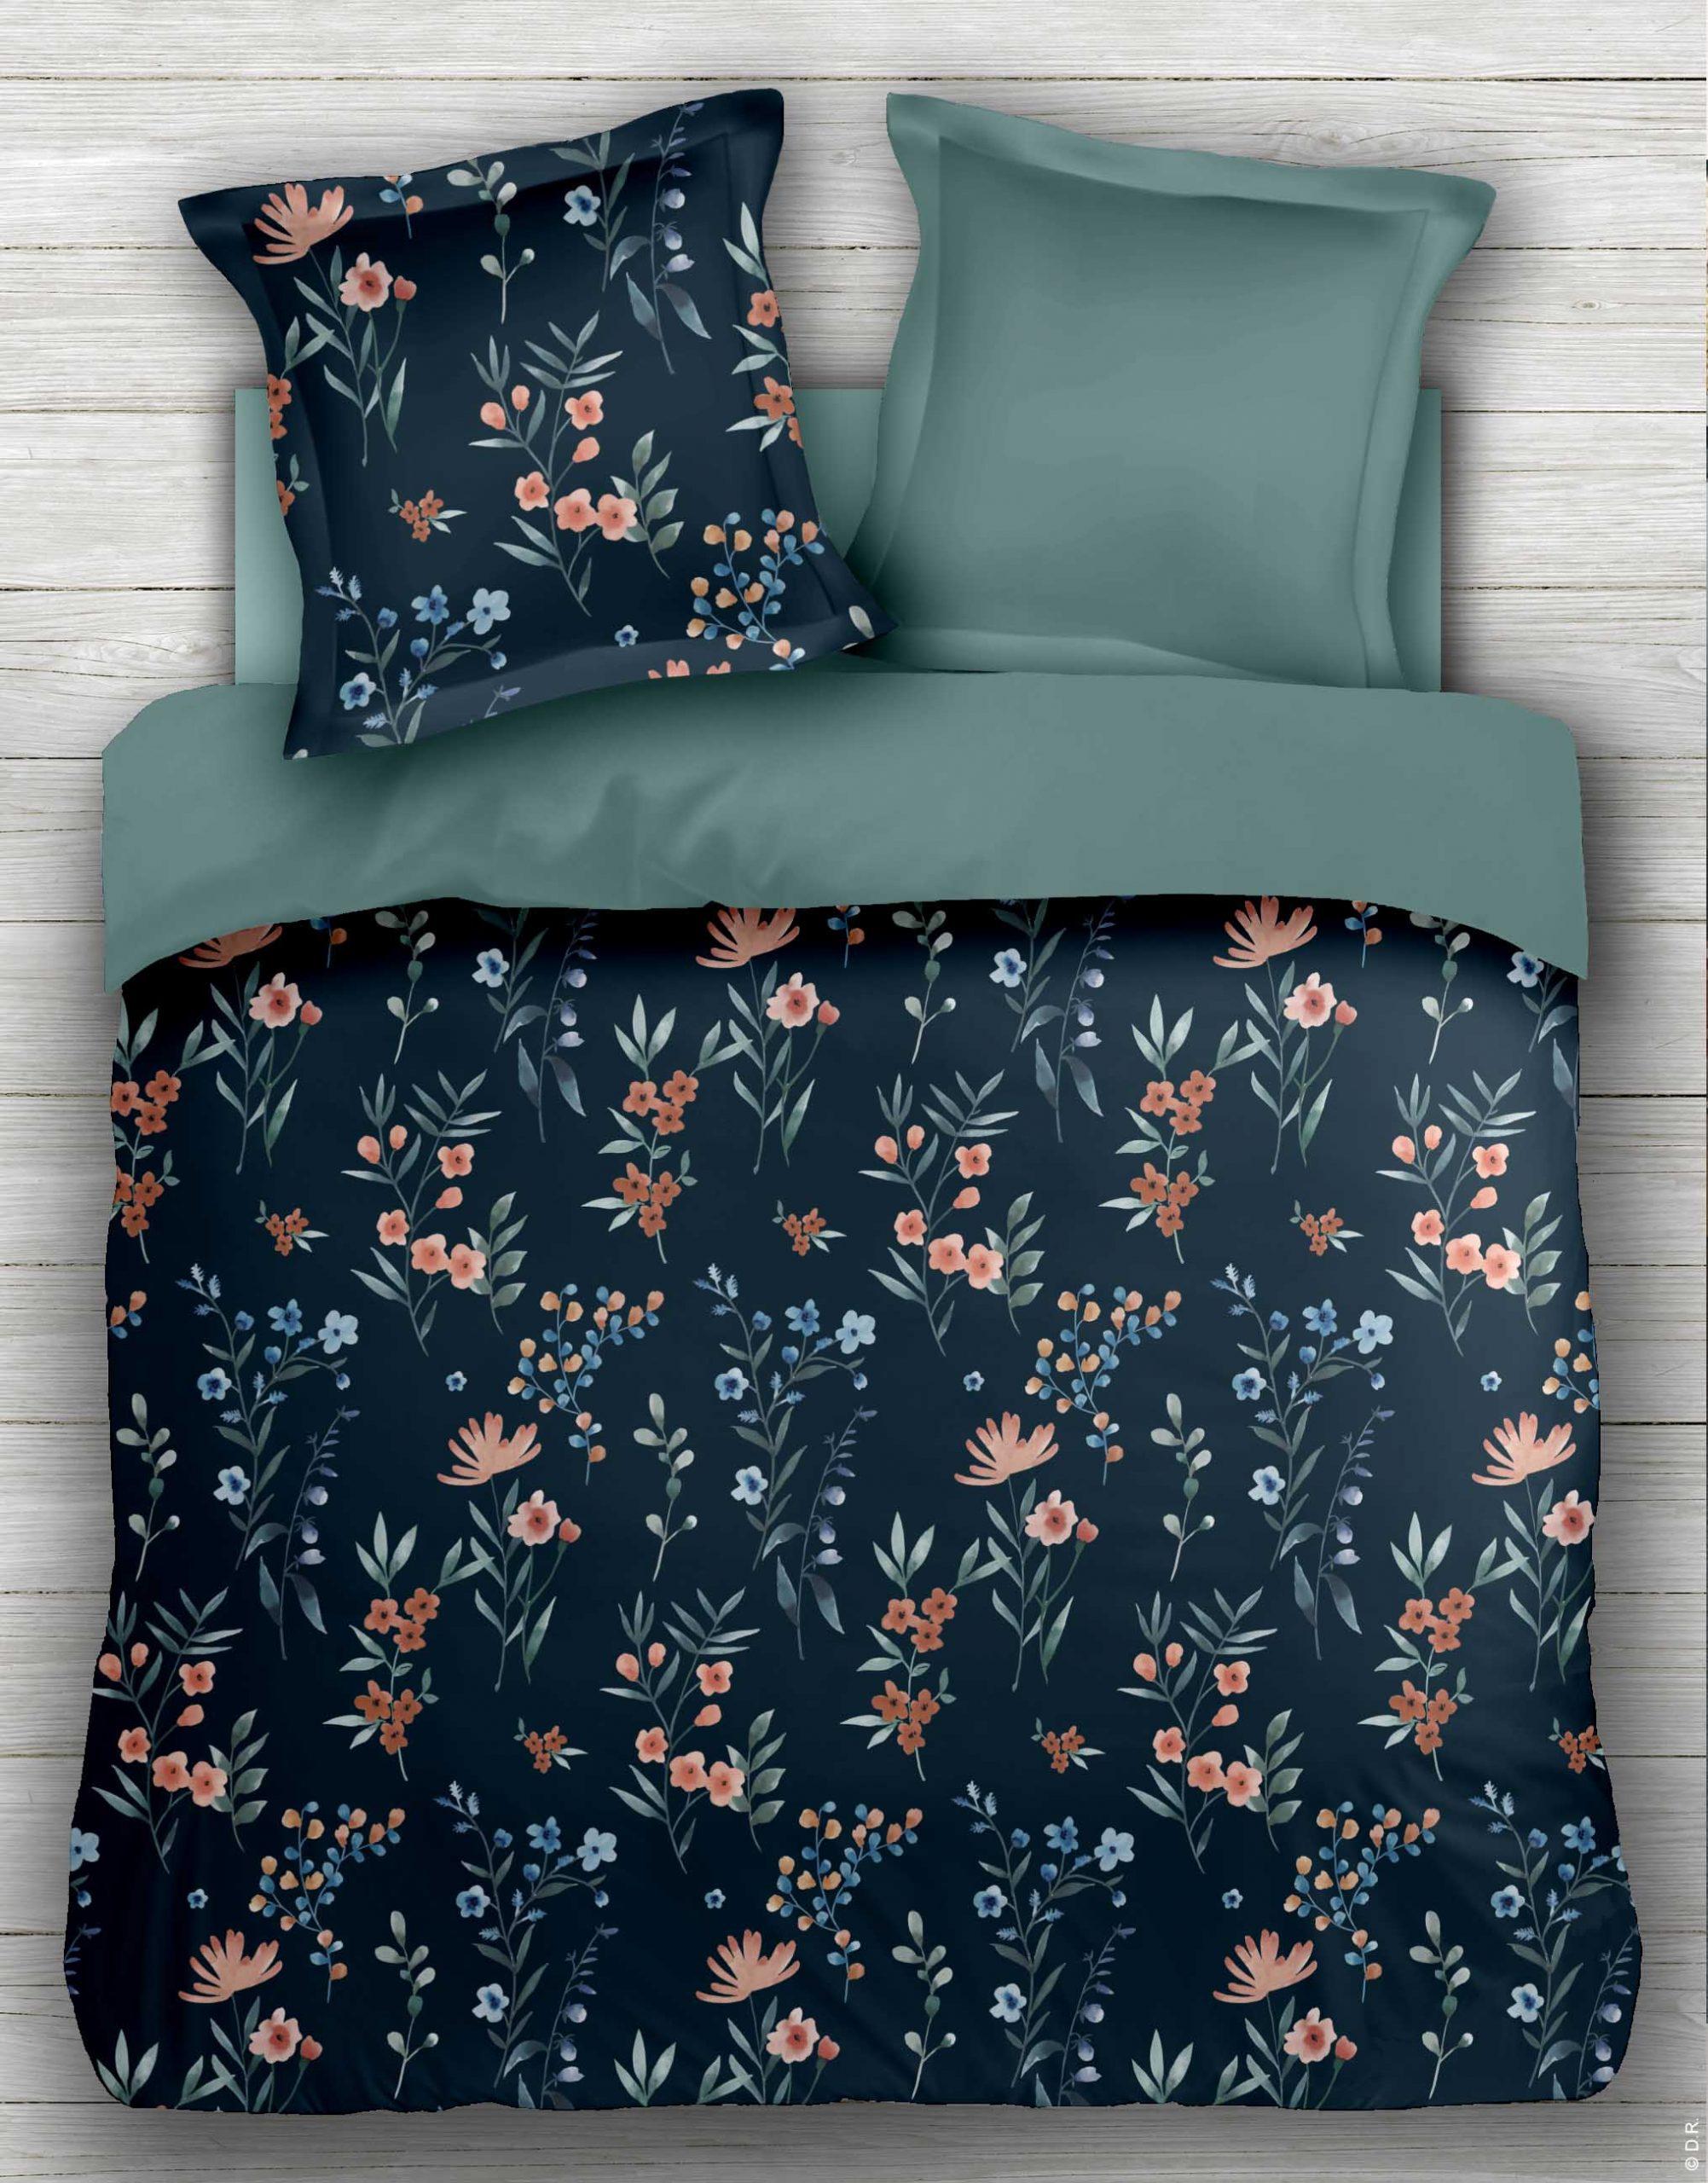 Couettes.fr : votre référence en linge de lit moderne !